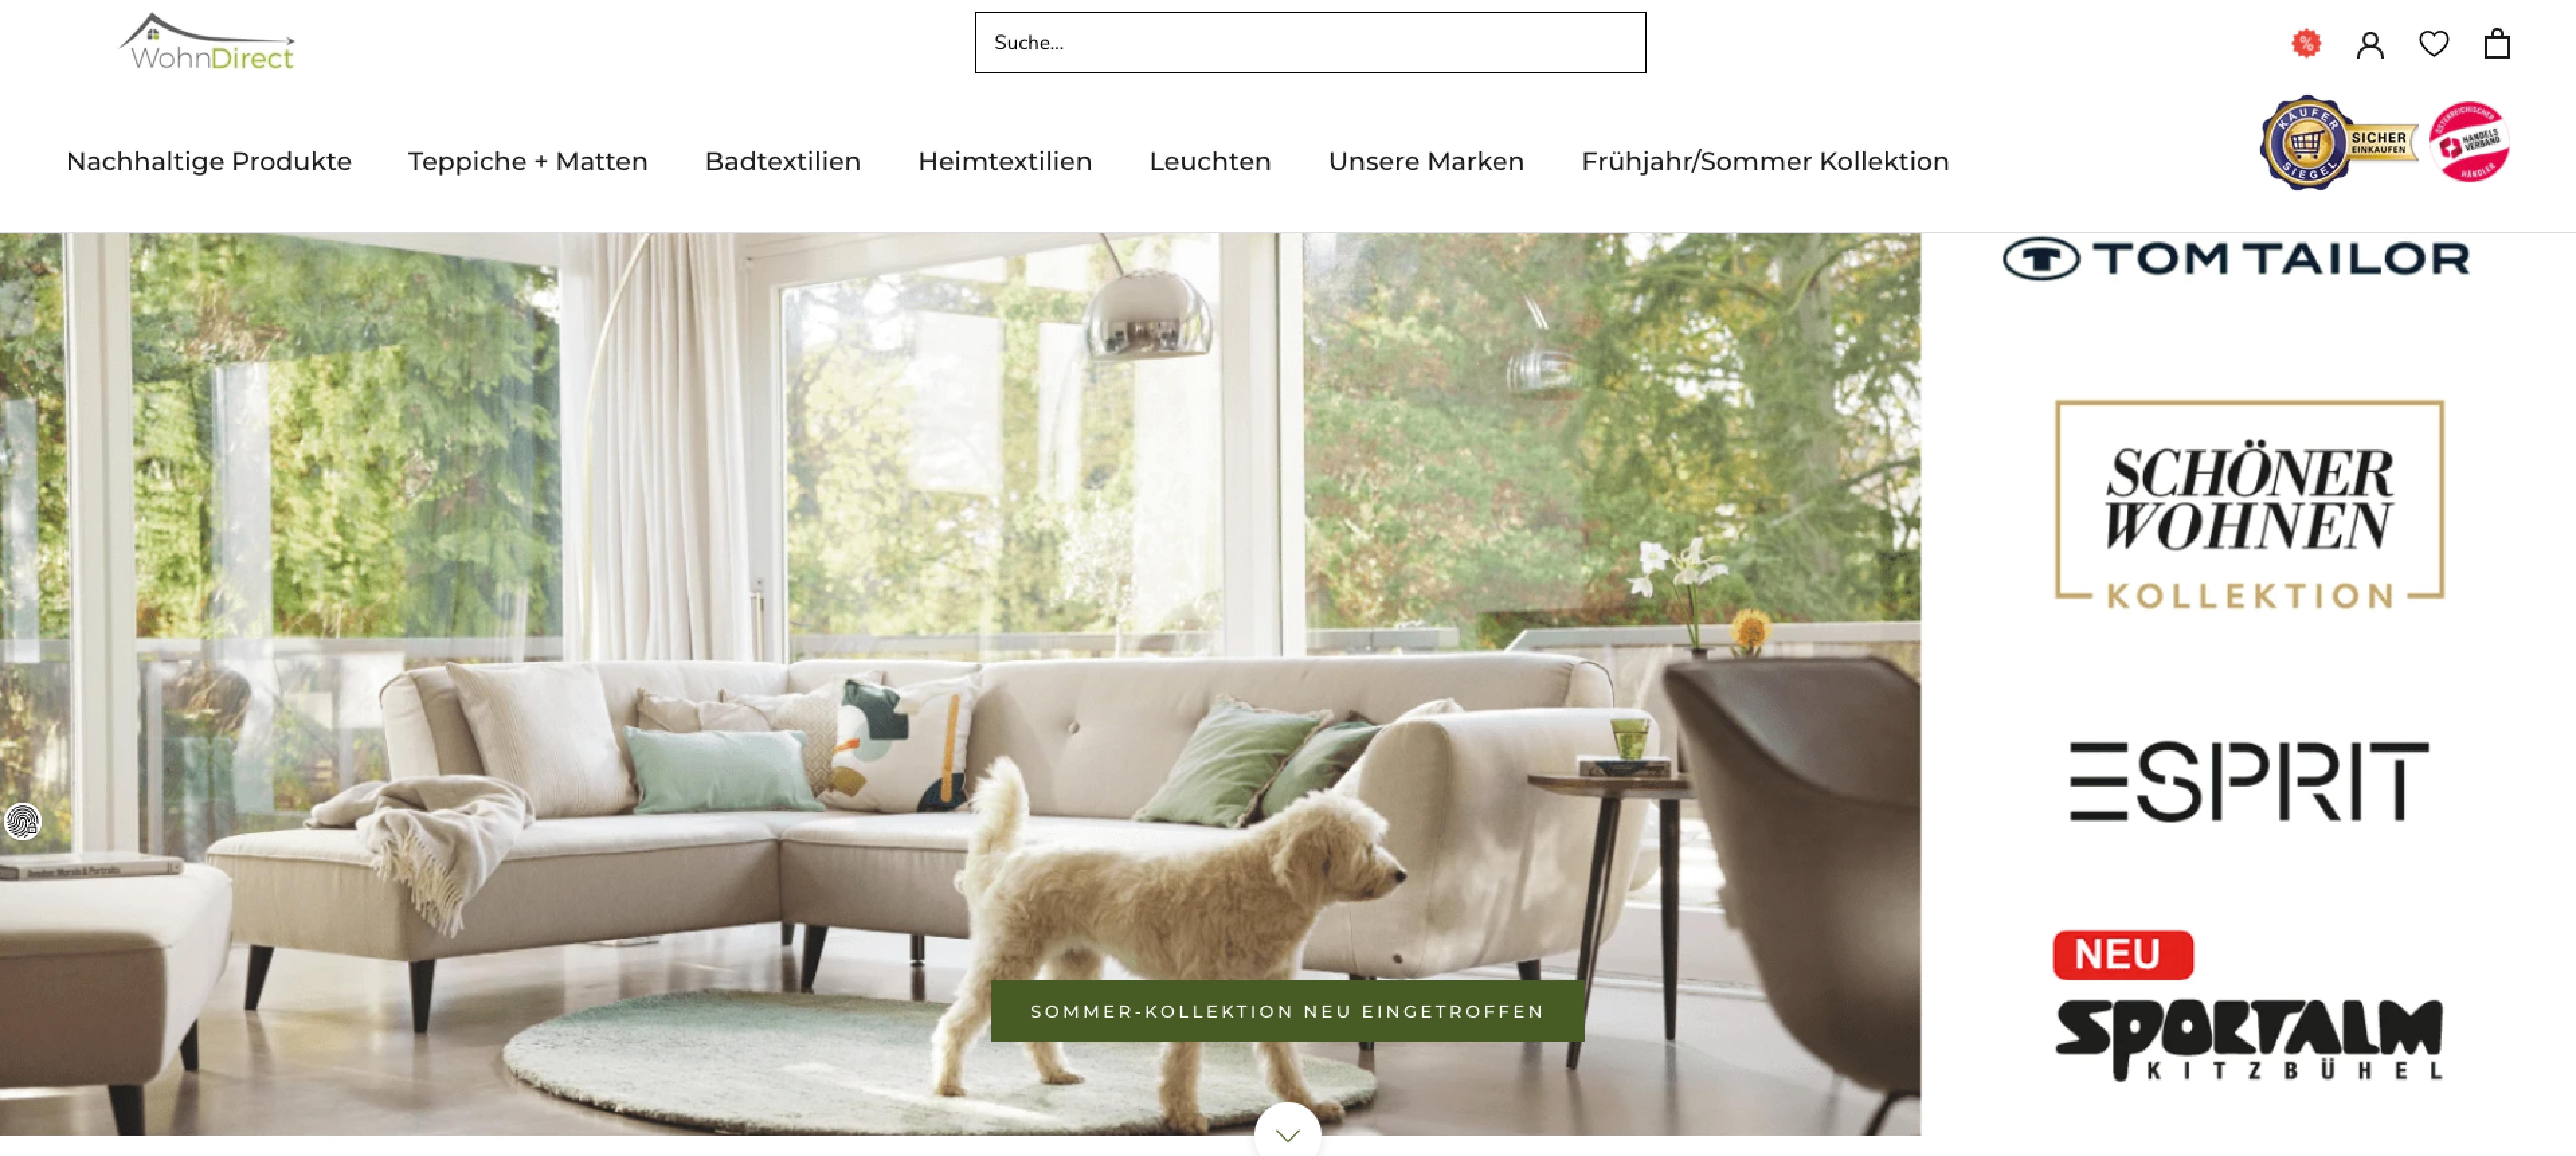 Neuer Wohndirect Header im Shopify Design